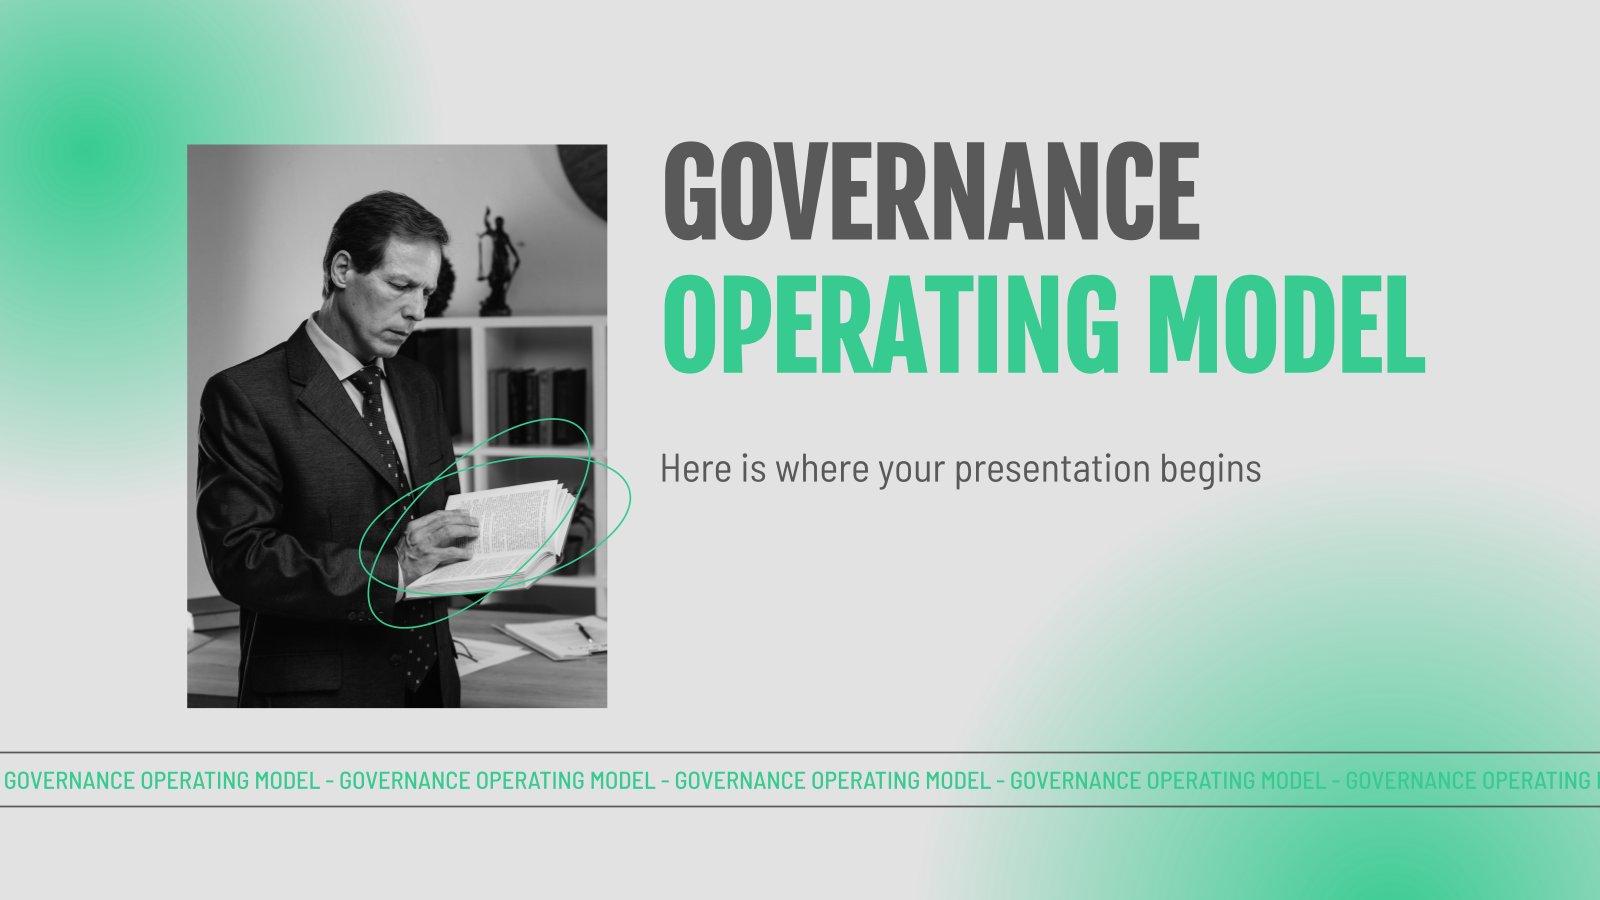 Governance-Betriebsmodell Präsentationsvorlage